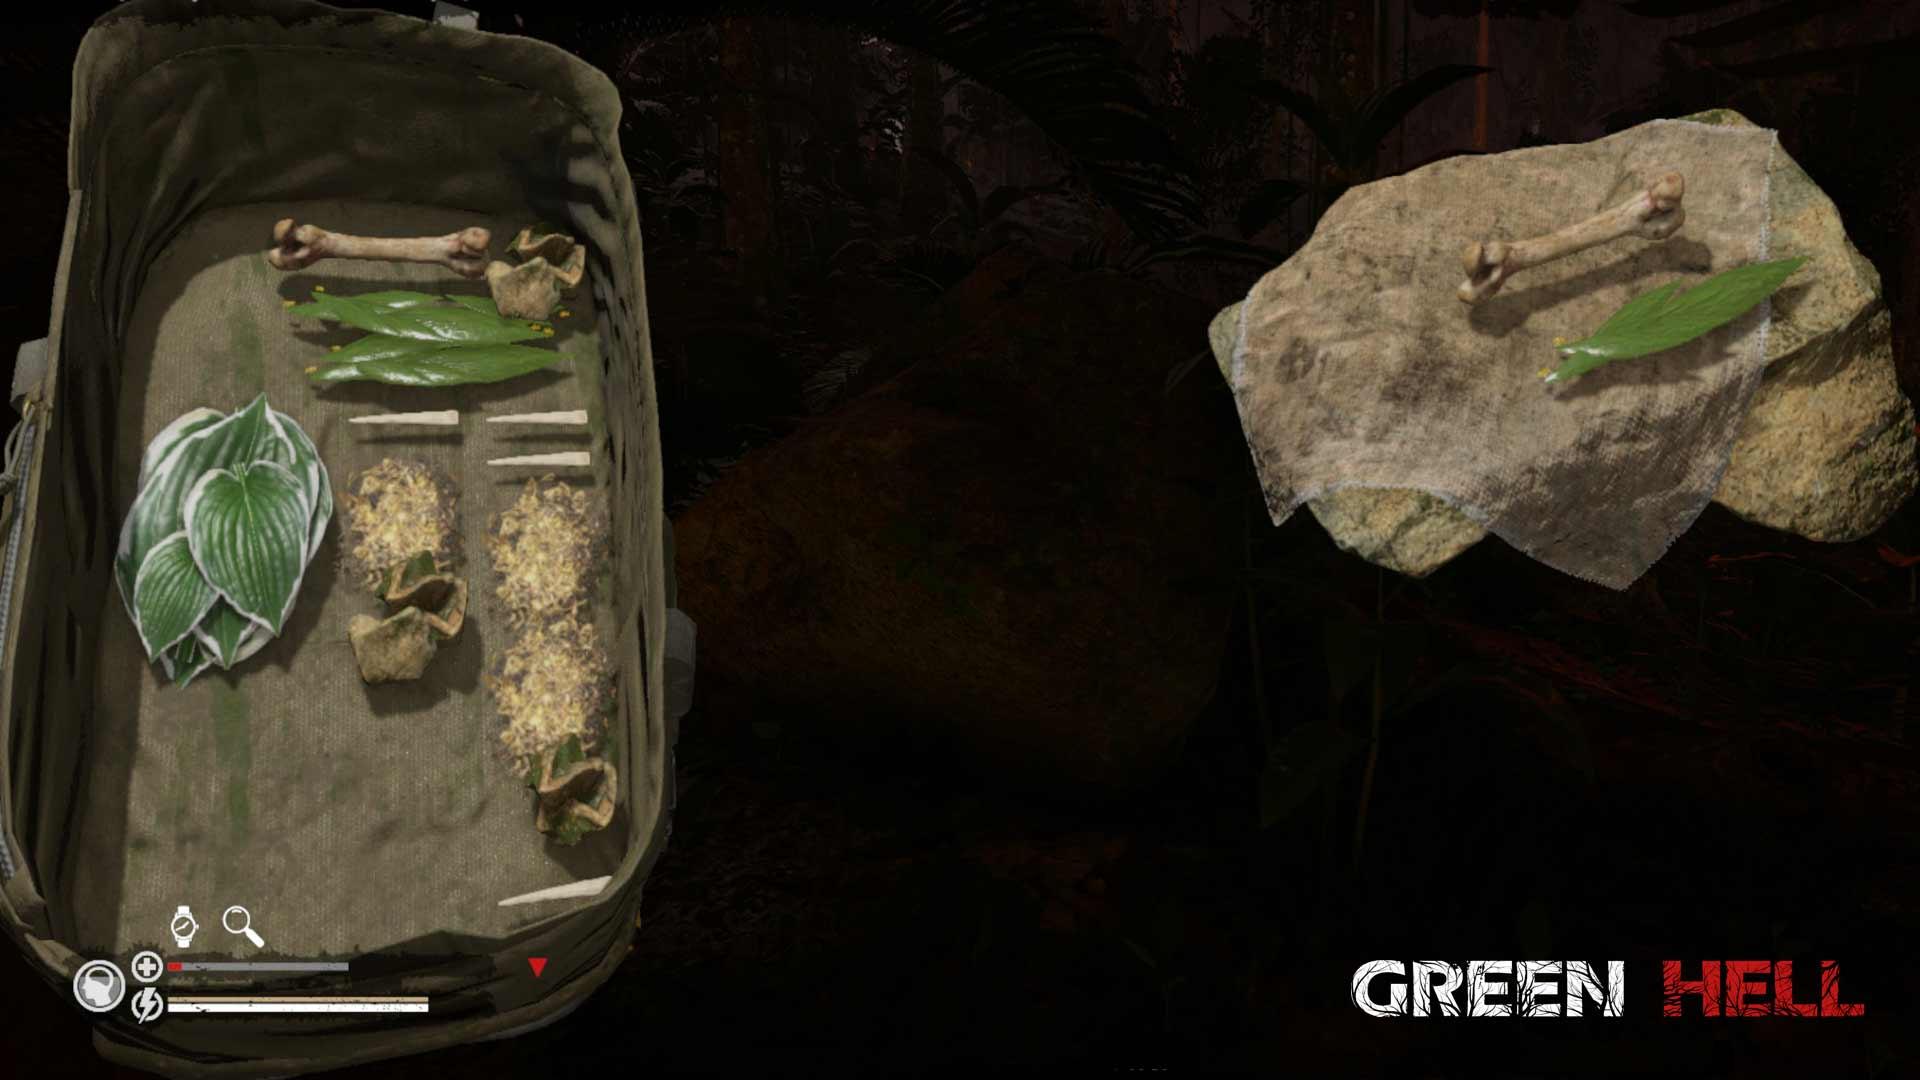 Green Hell Guide: Auf dem Herstellungstisch könnt ihr verschiedene Gegenstände aus dem Rucksack oder der Umgebung zusammen führen und so neue Werkzeuge und Waffen herstellen.